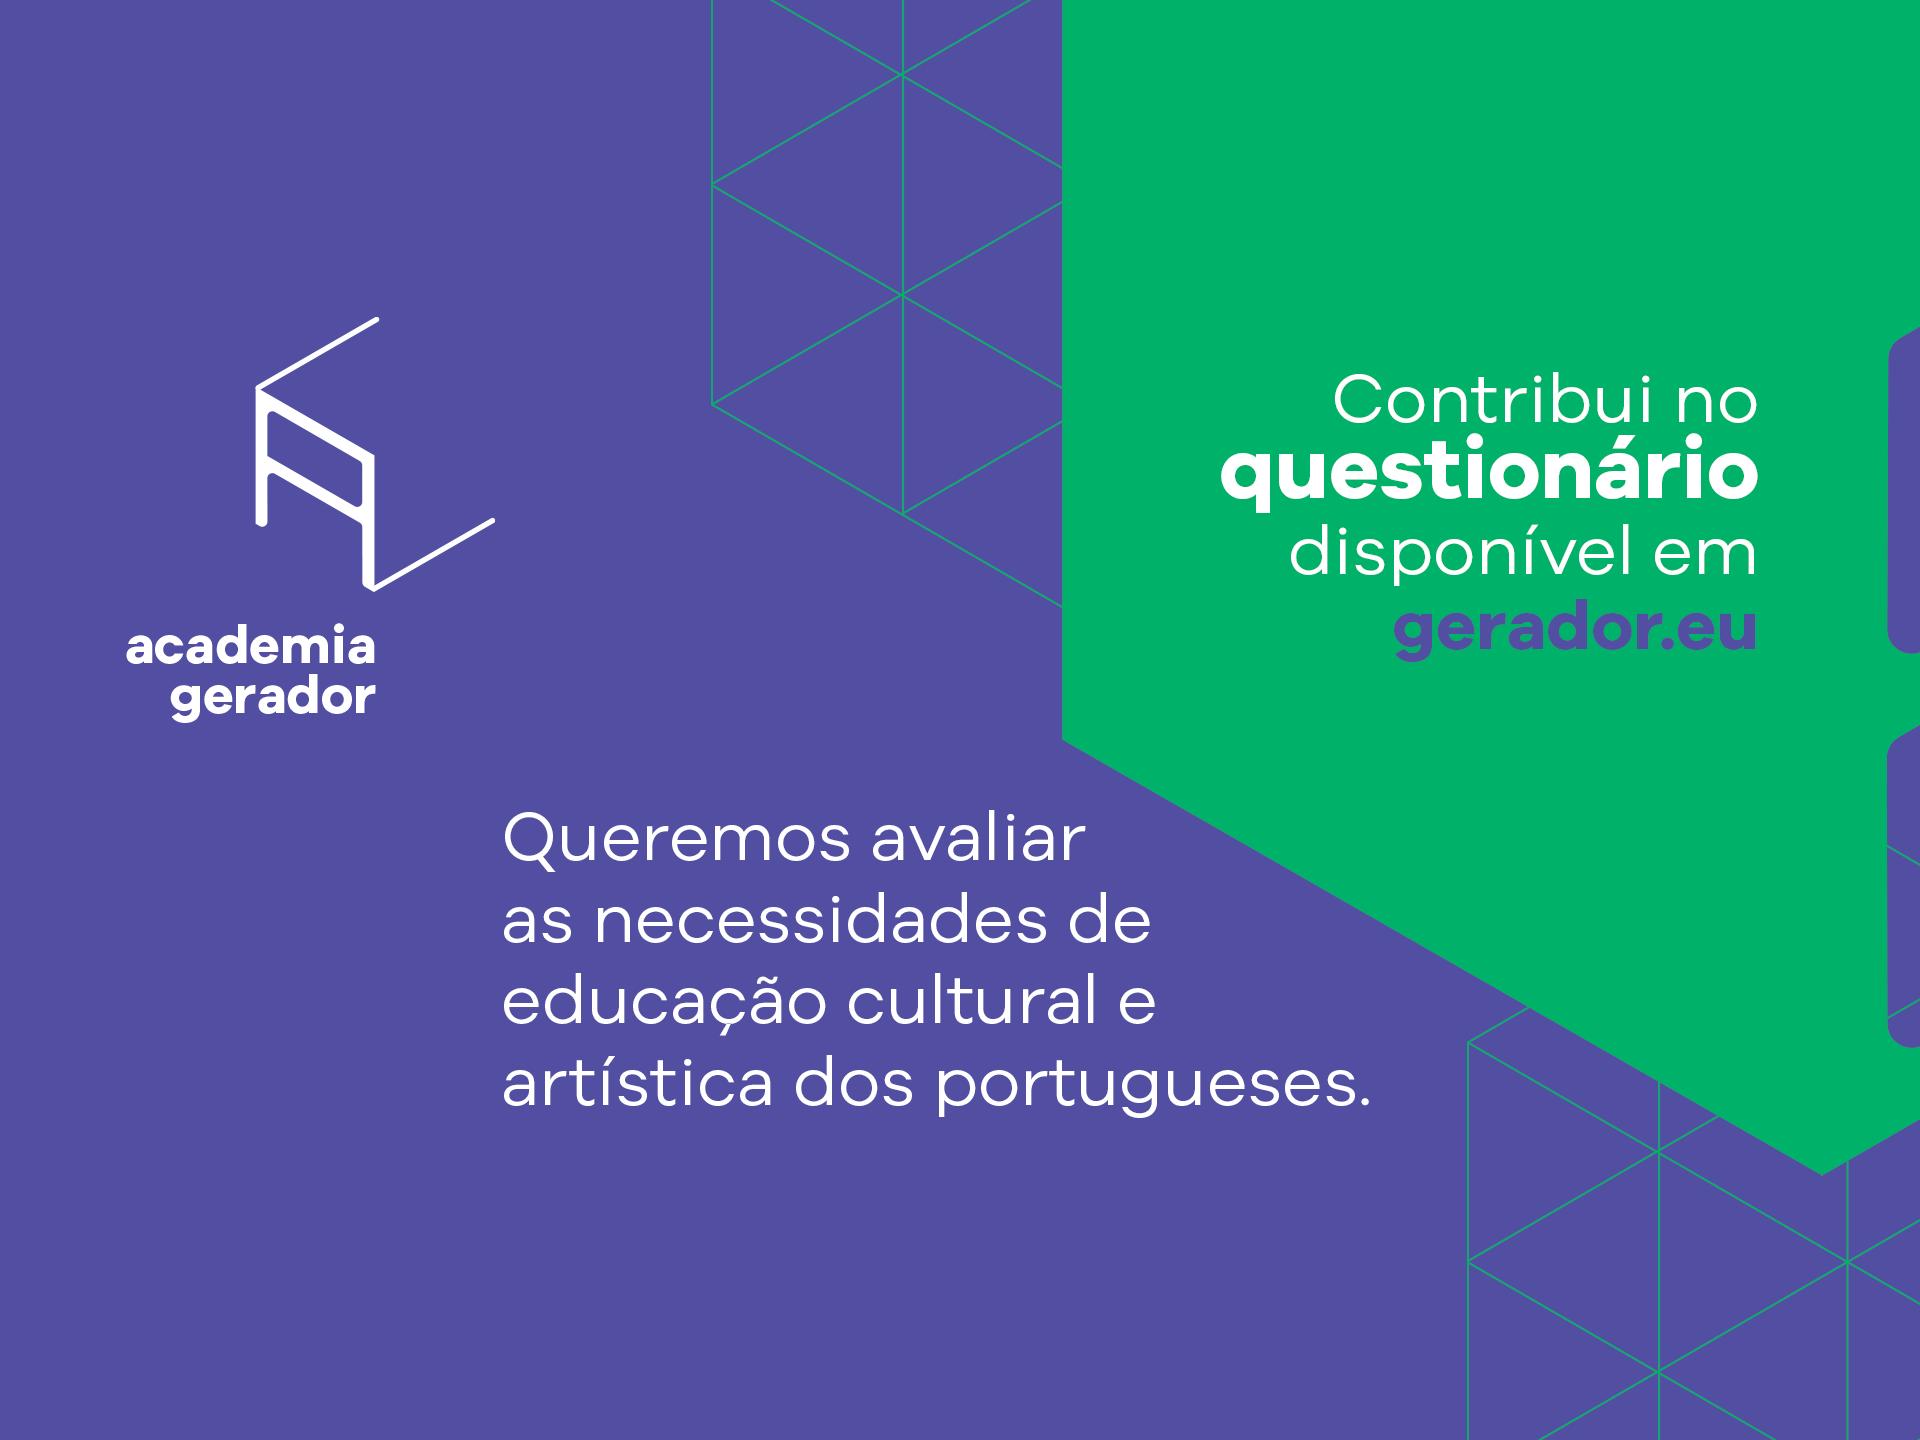 responde_questinario_academia_gerador